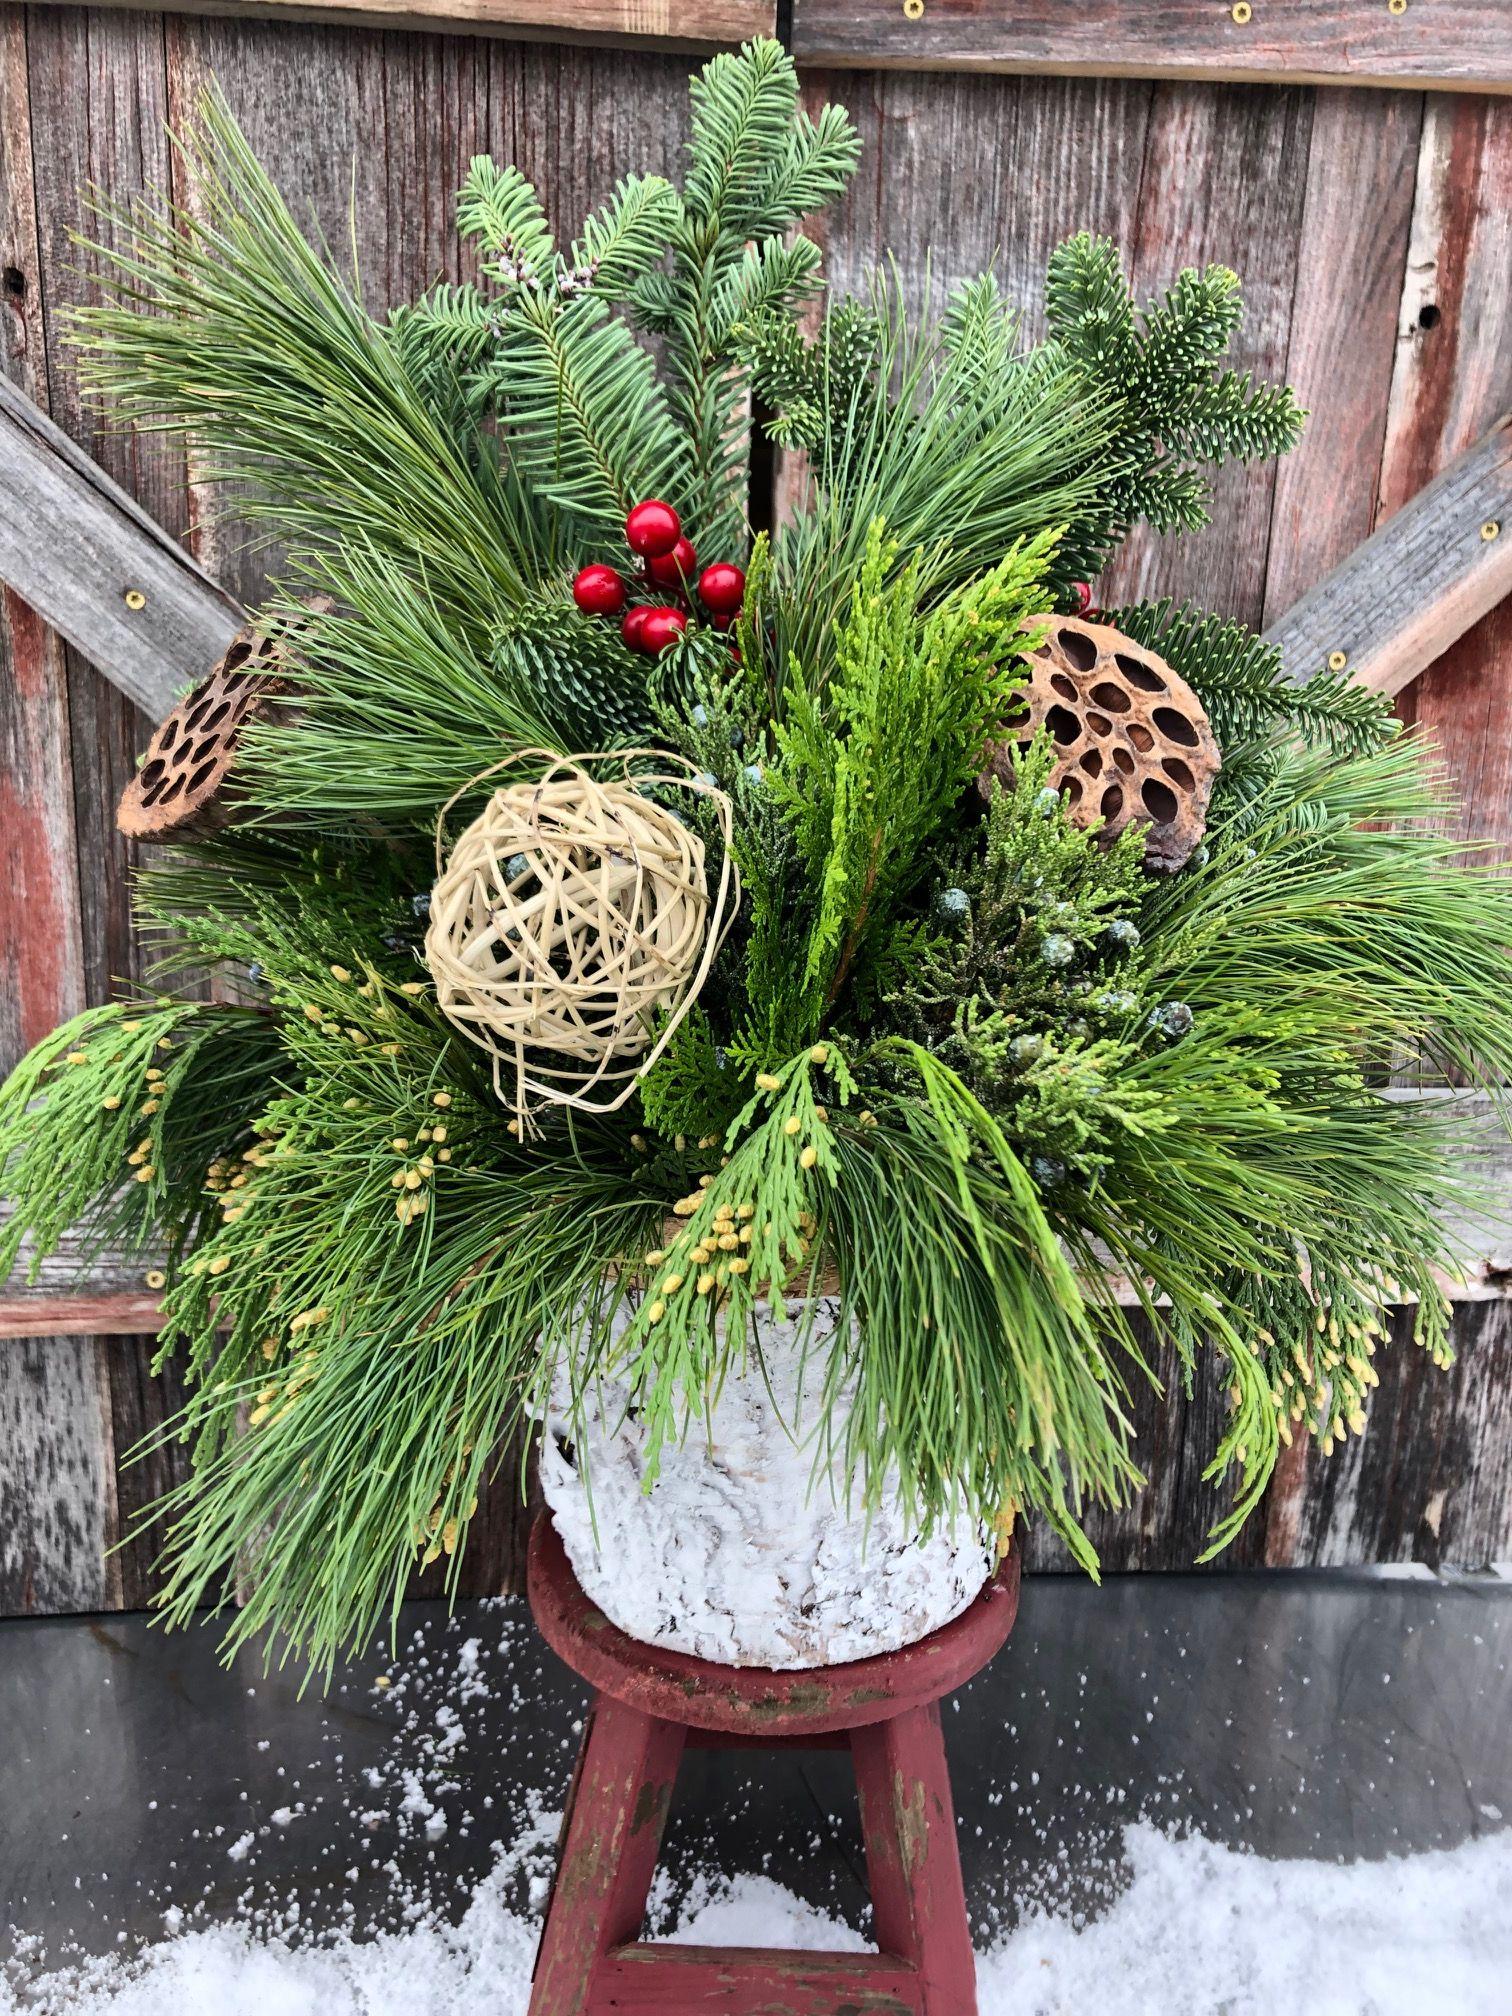 birch evergreen centerpiece holiday